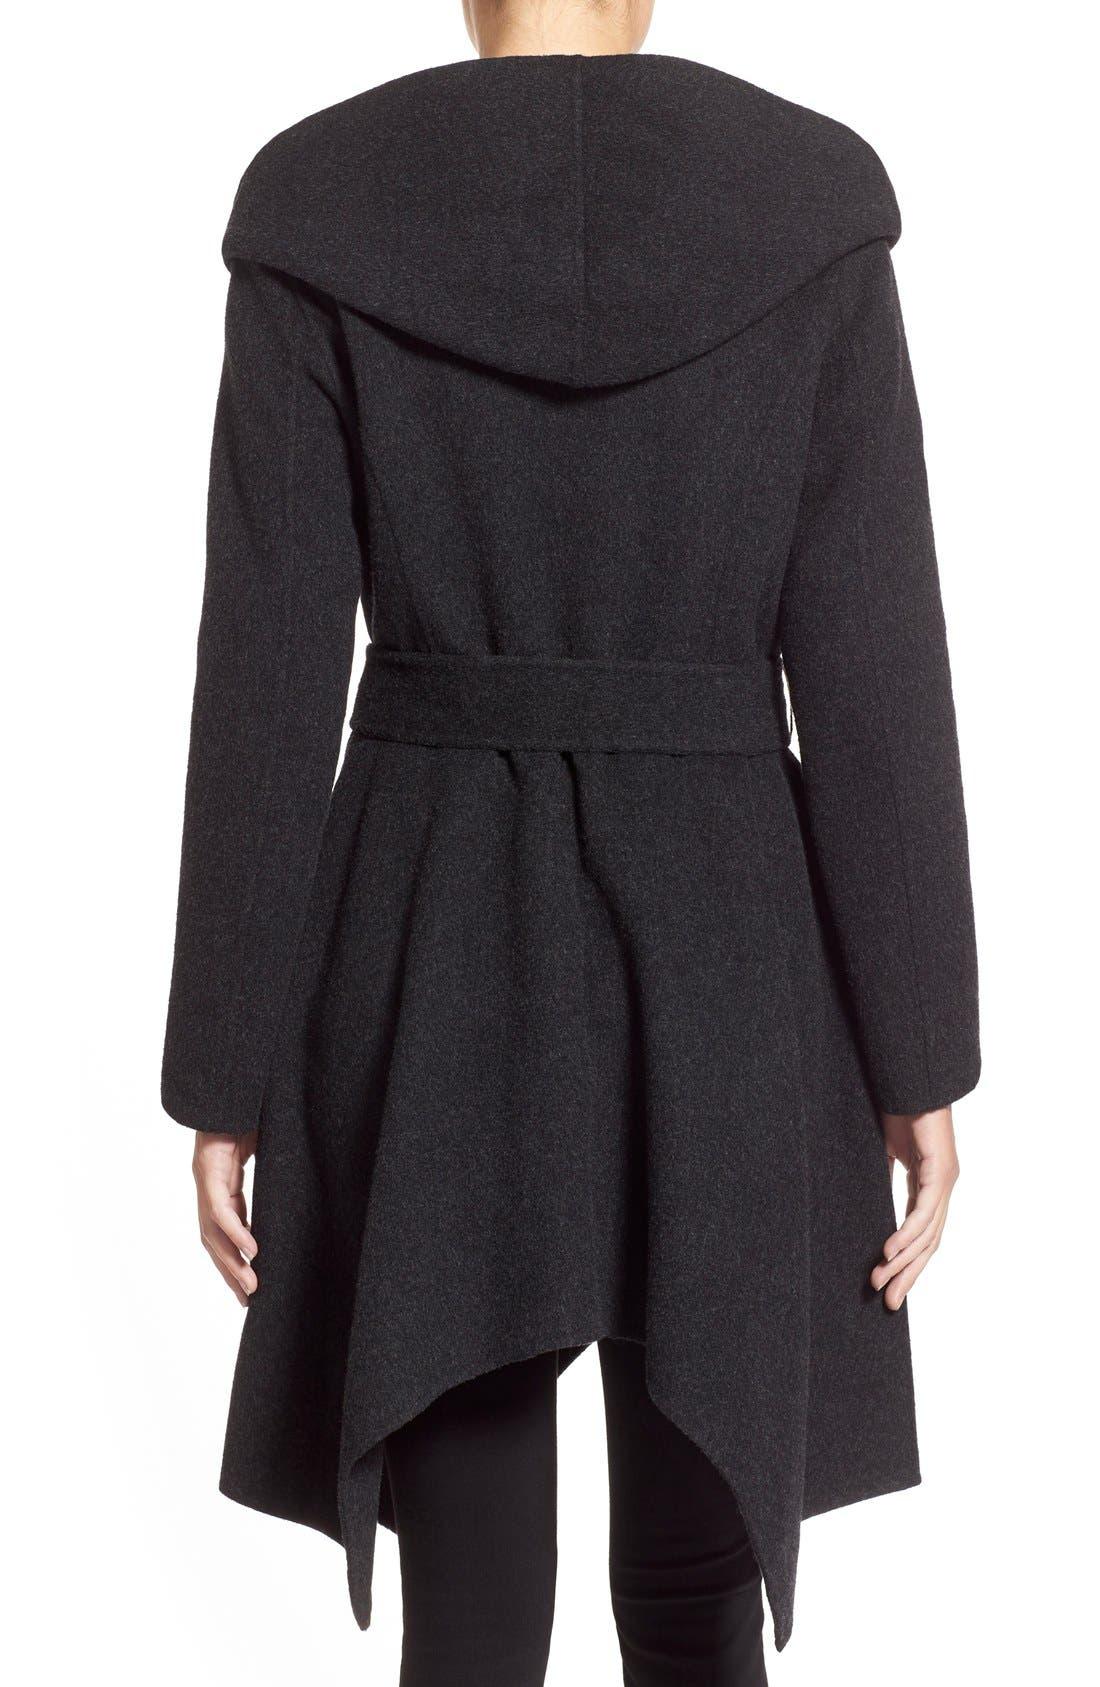 Alternate Image 2  - ZAC Zac Posen 'Sophia' Belted Wool Blend Hooded Asymmetrical Coat